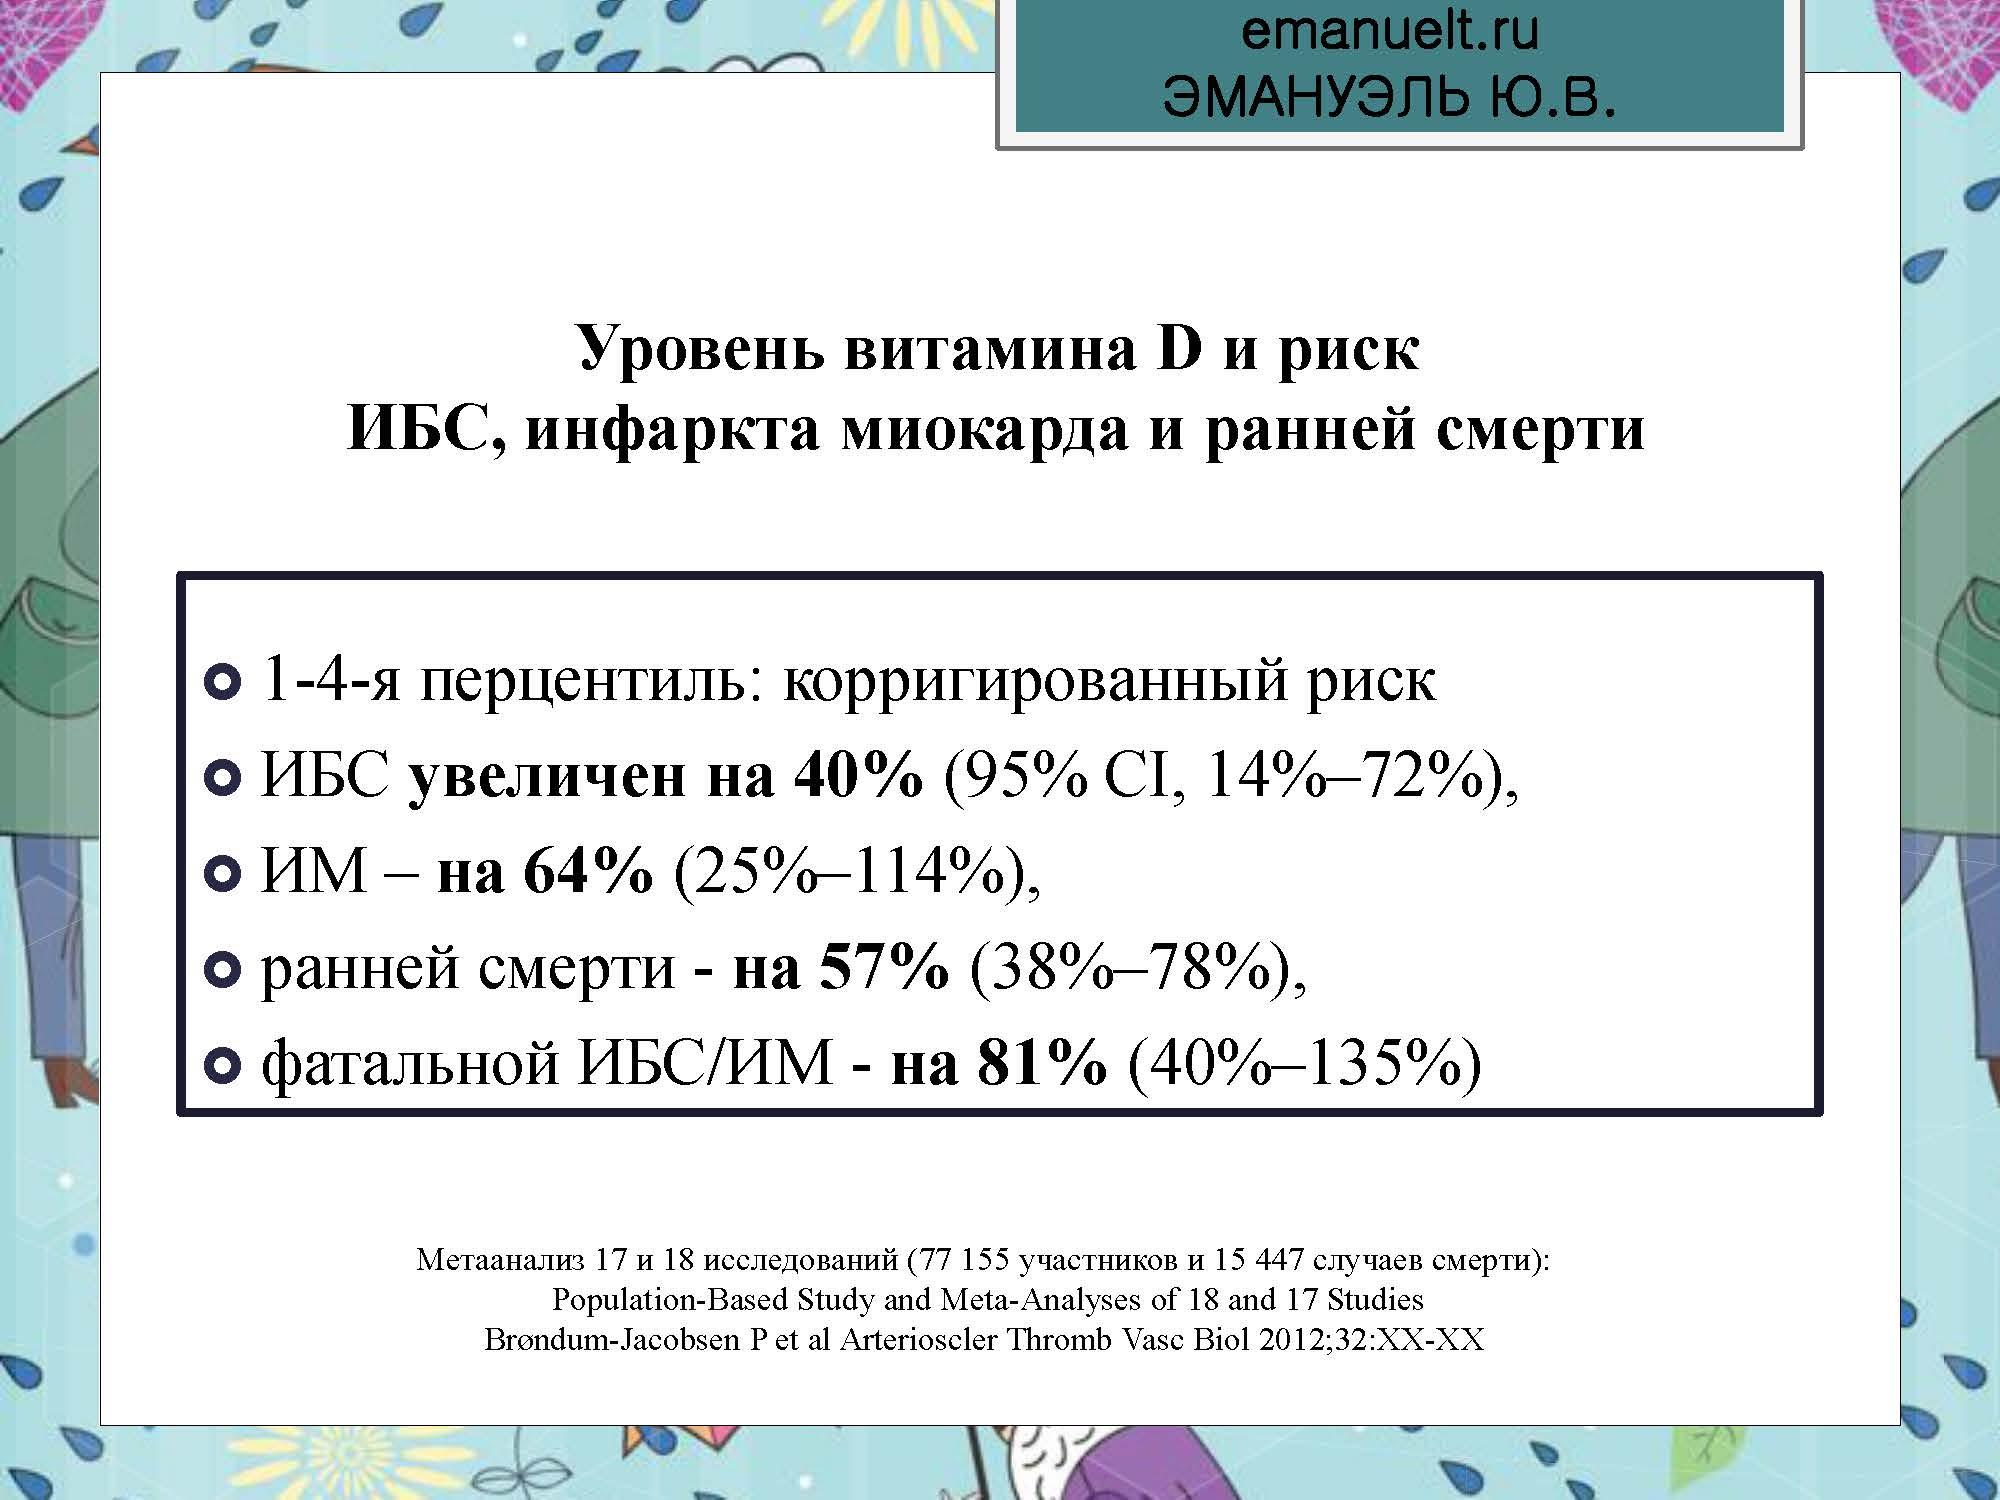 Секция 8. ЭЮВ. СПбГМУ.  26.03_Страница_24